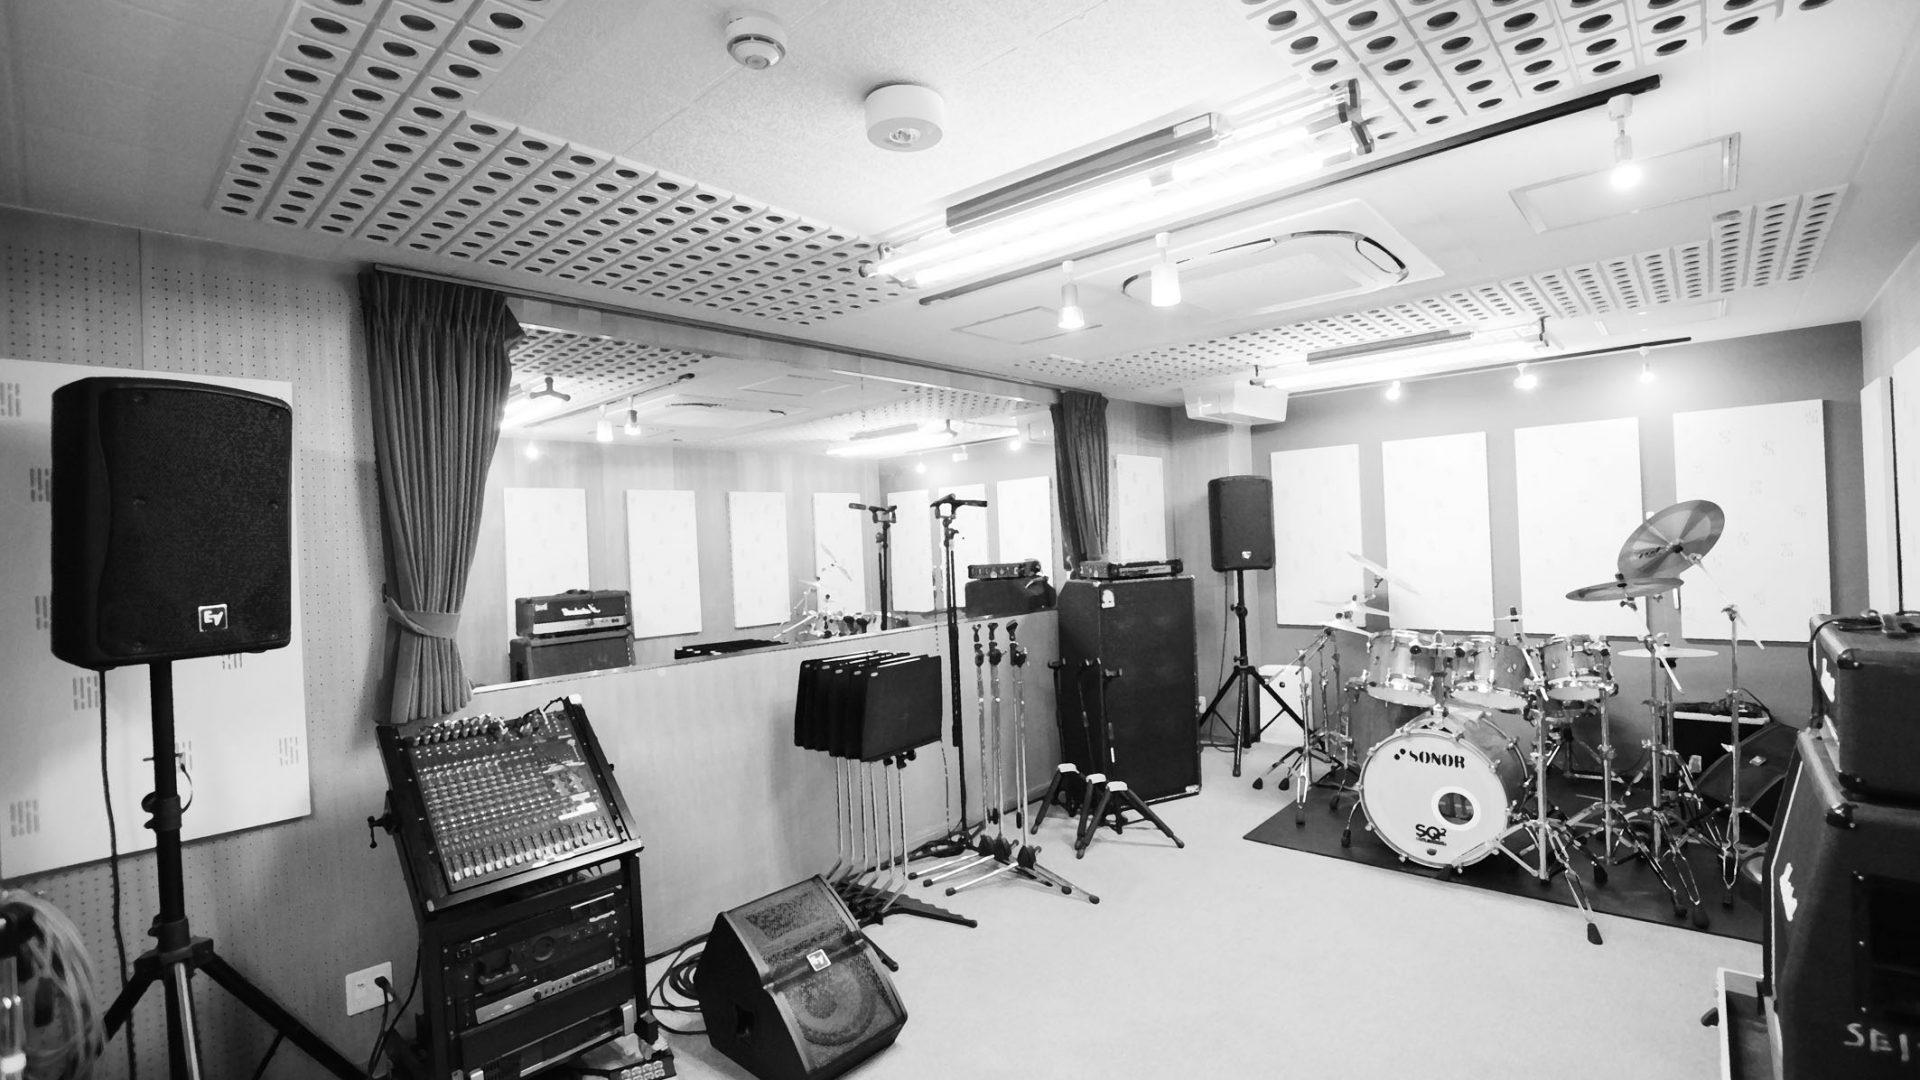 Rehearsal Music Studio SEISHO